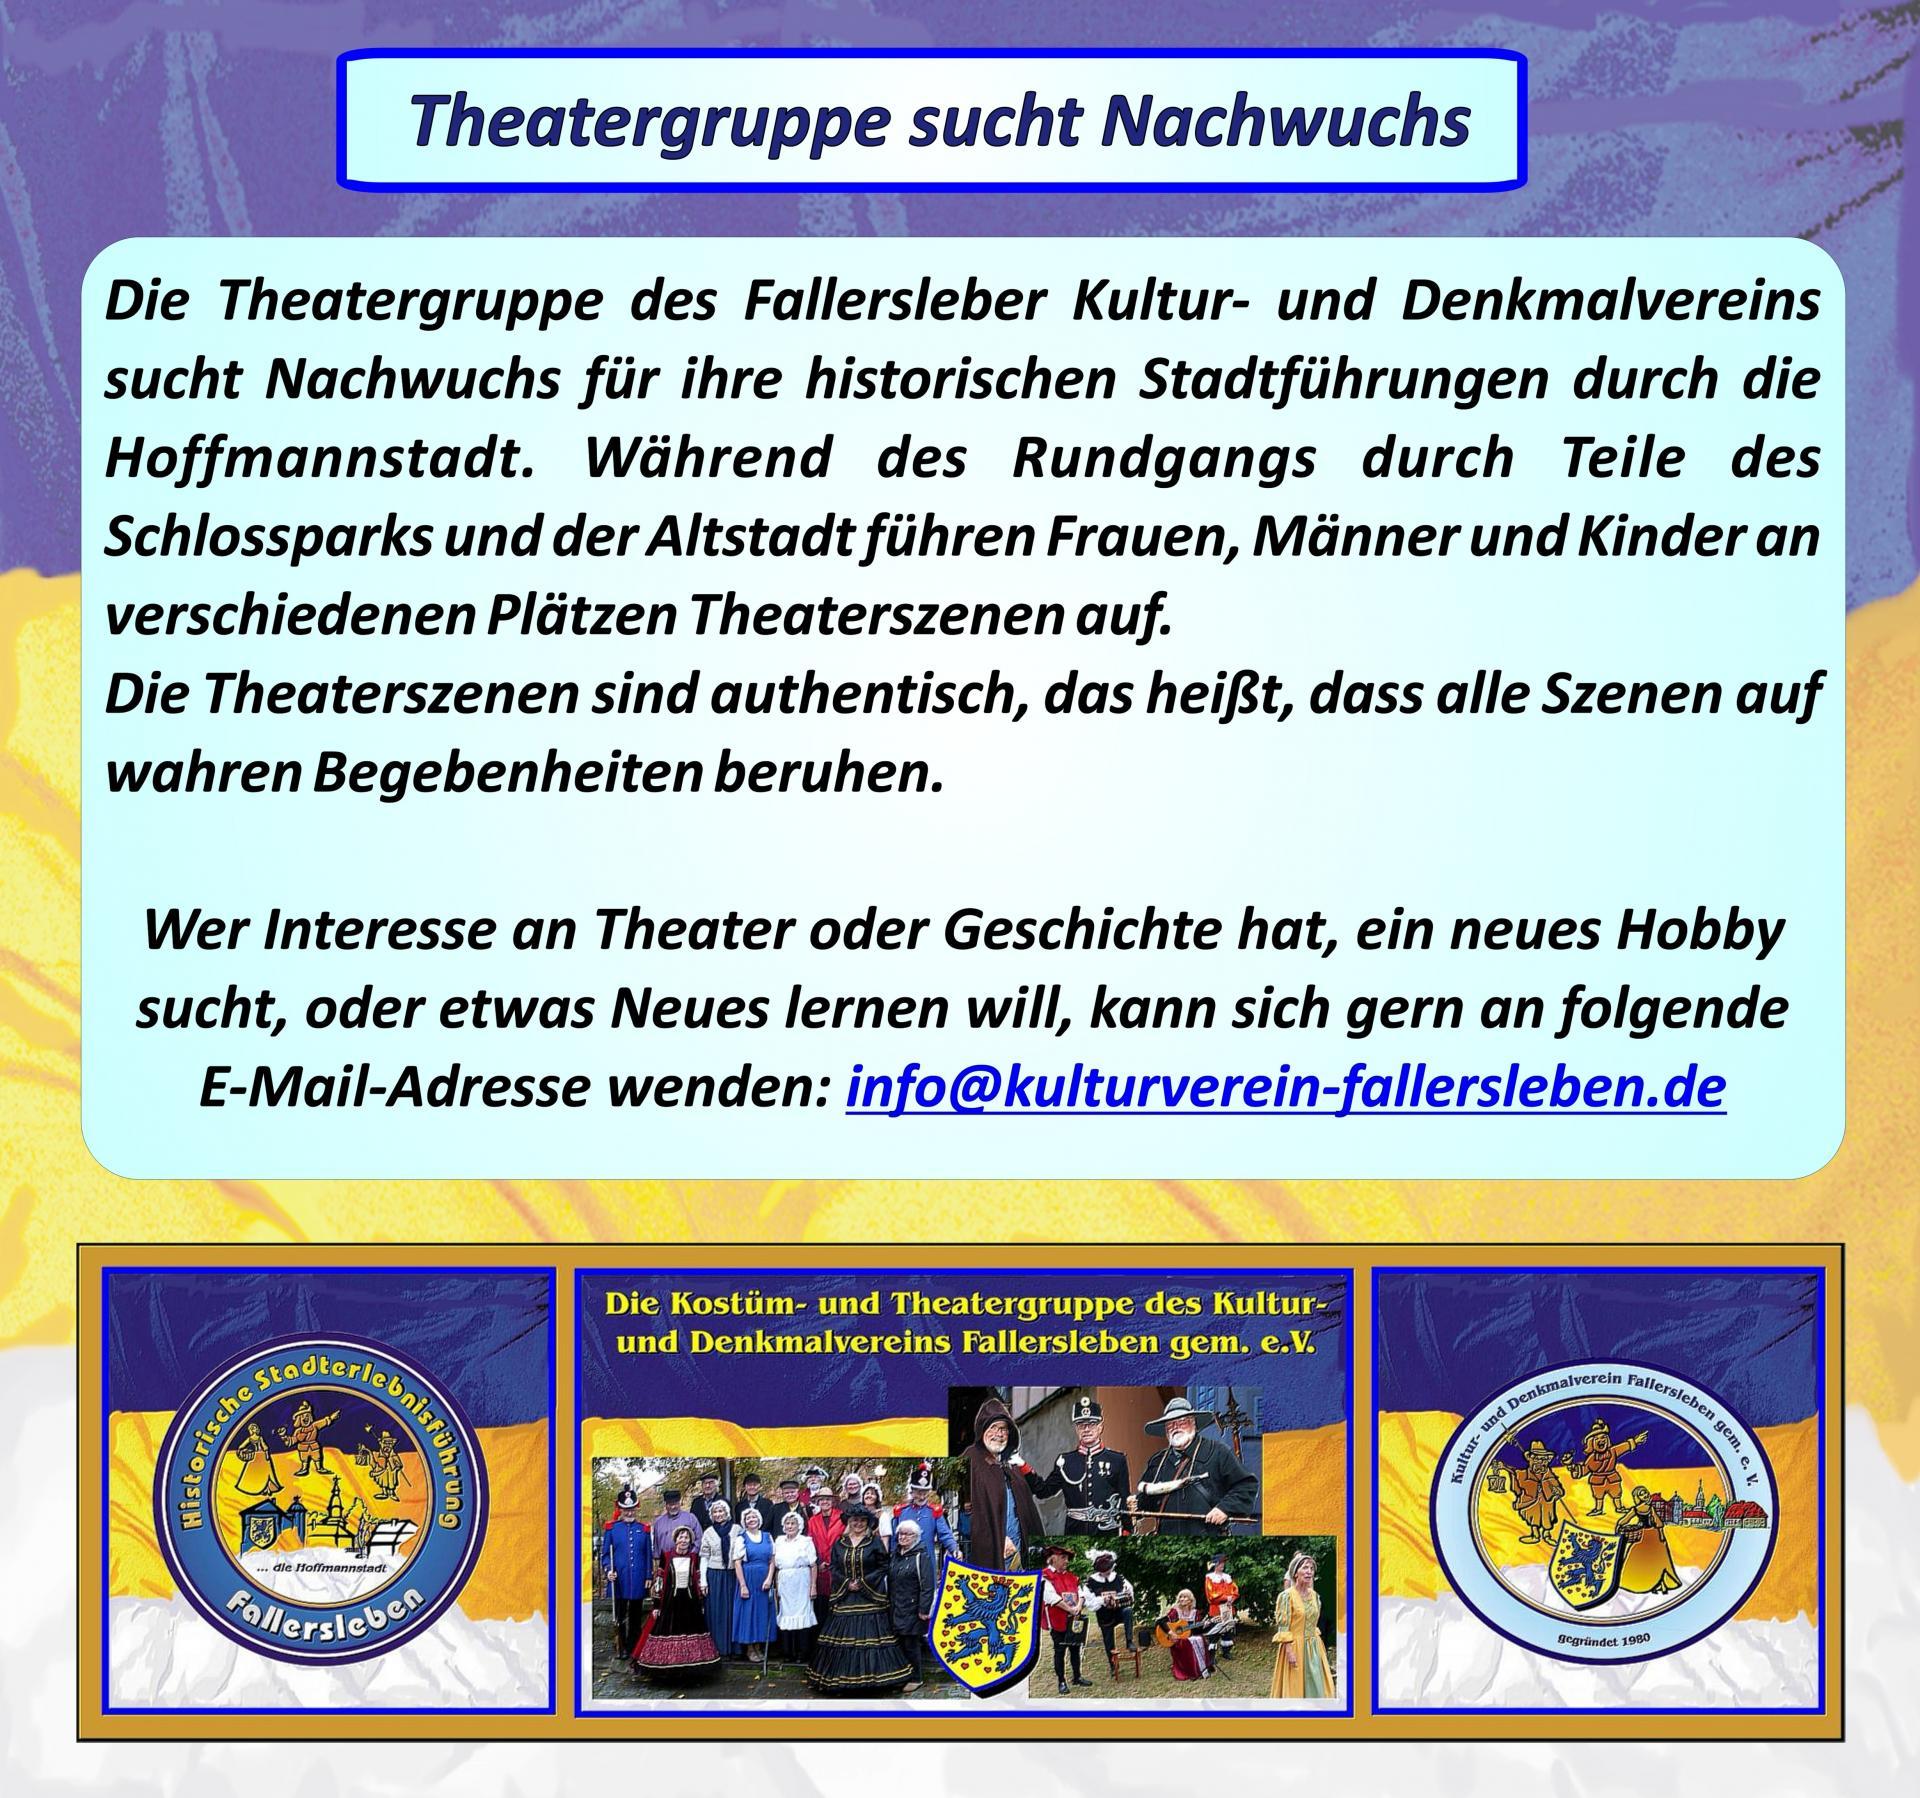 Theatergruppe sucht Nachwuchs